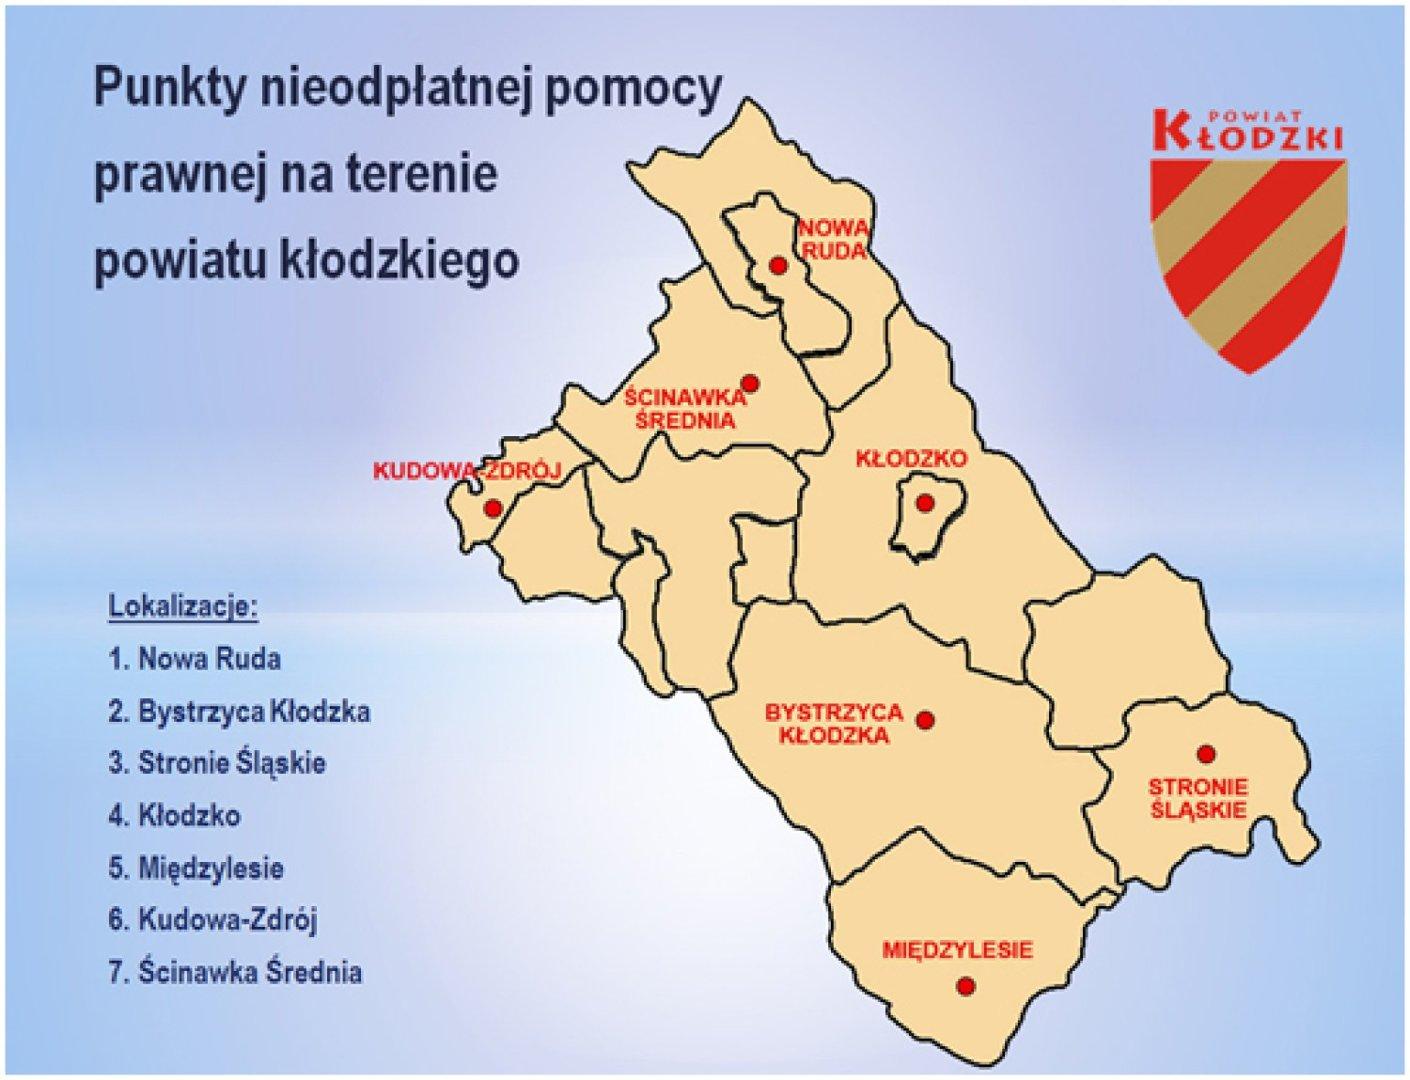 18c07a4793d6b3 Bezpłatna pomoc prawna w powiecie kłodzkim - NaszeMiasto.pl